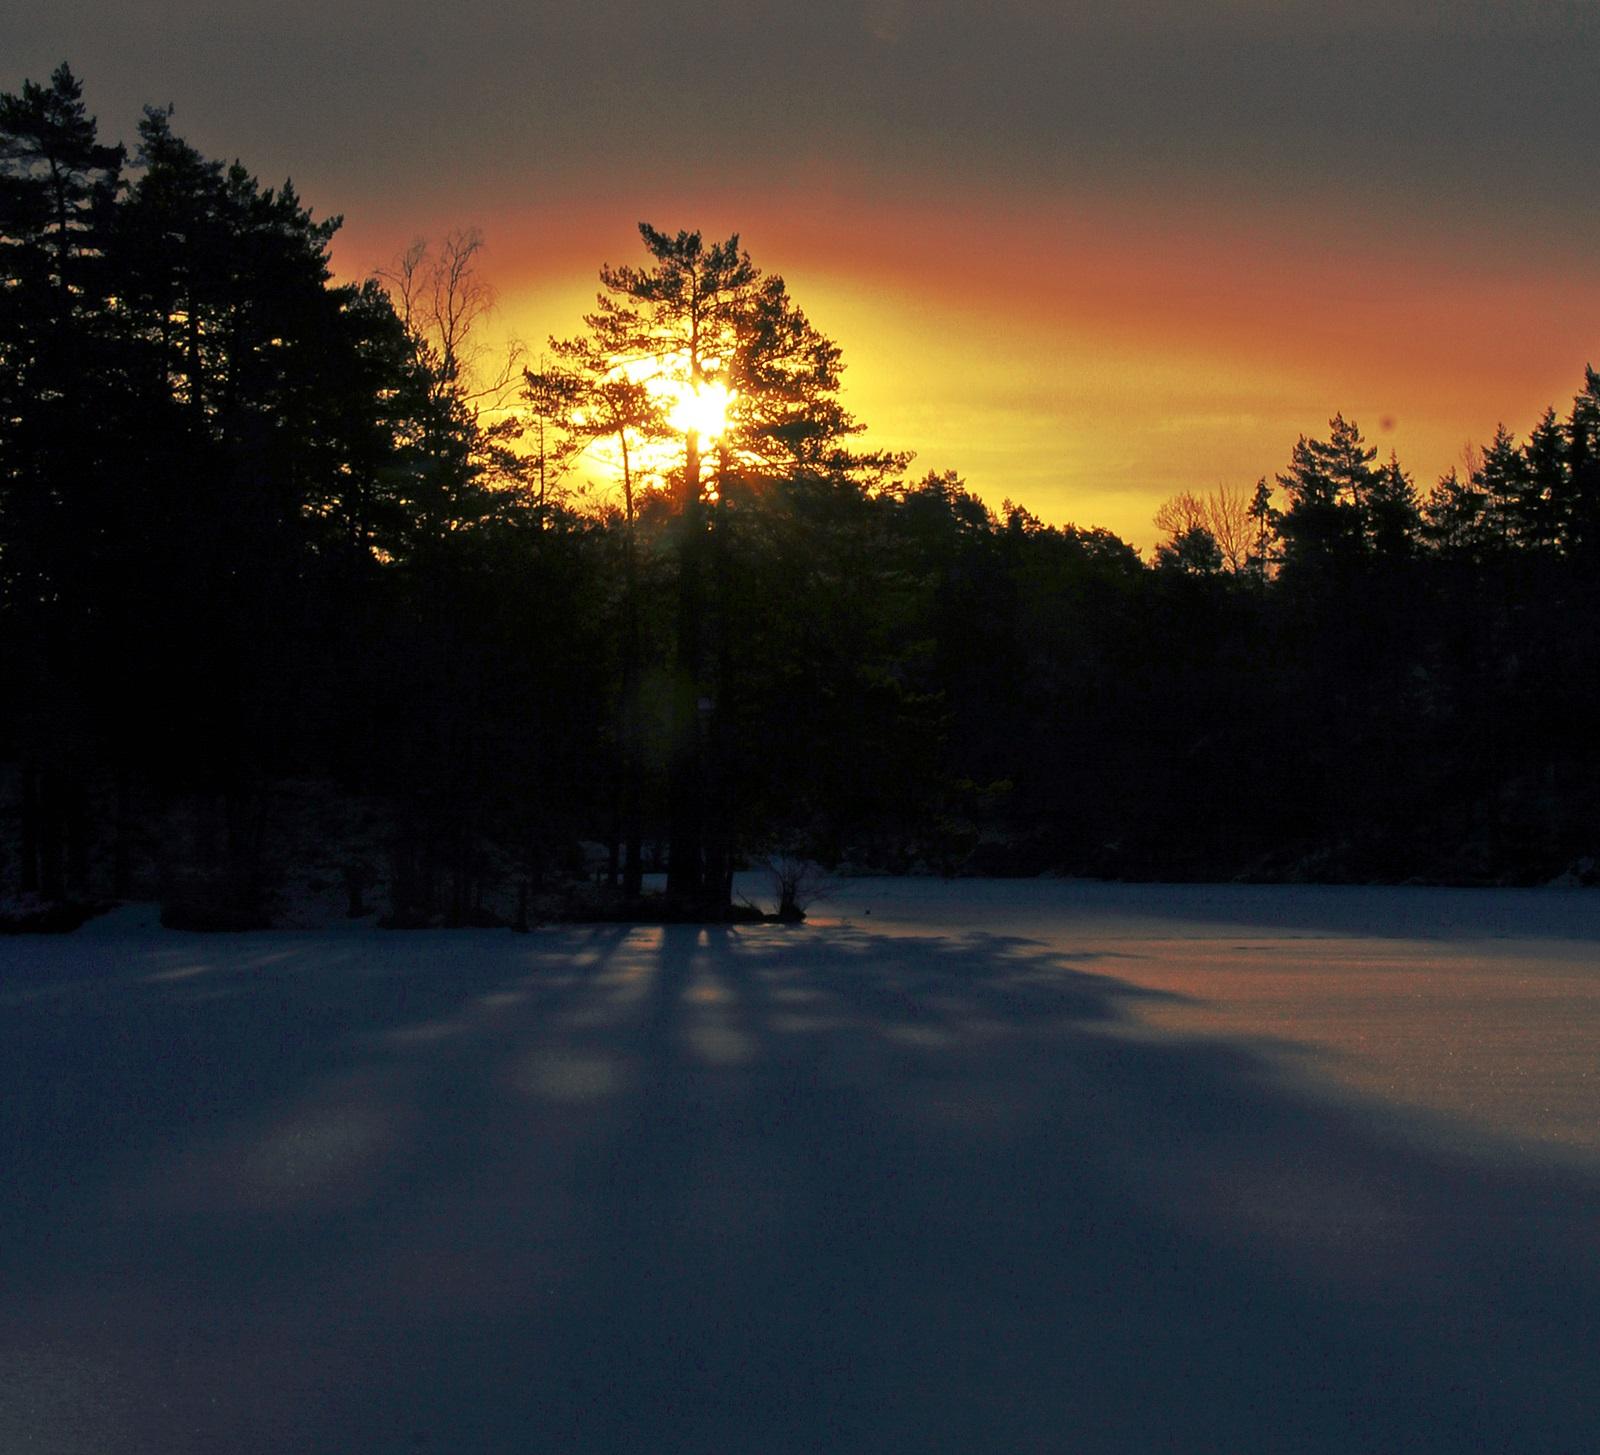 solnedgang på isen